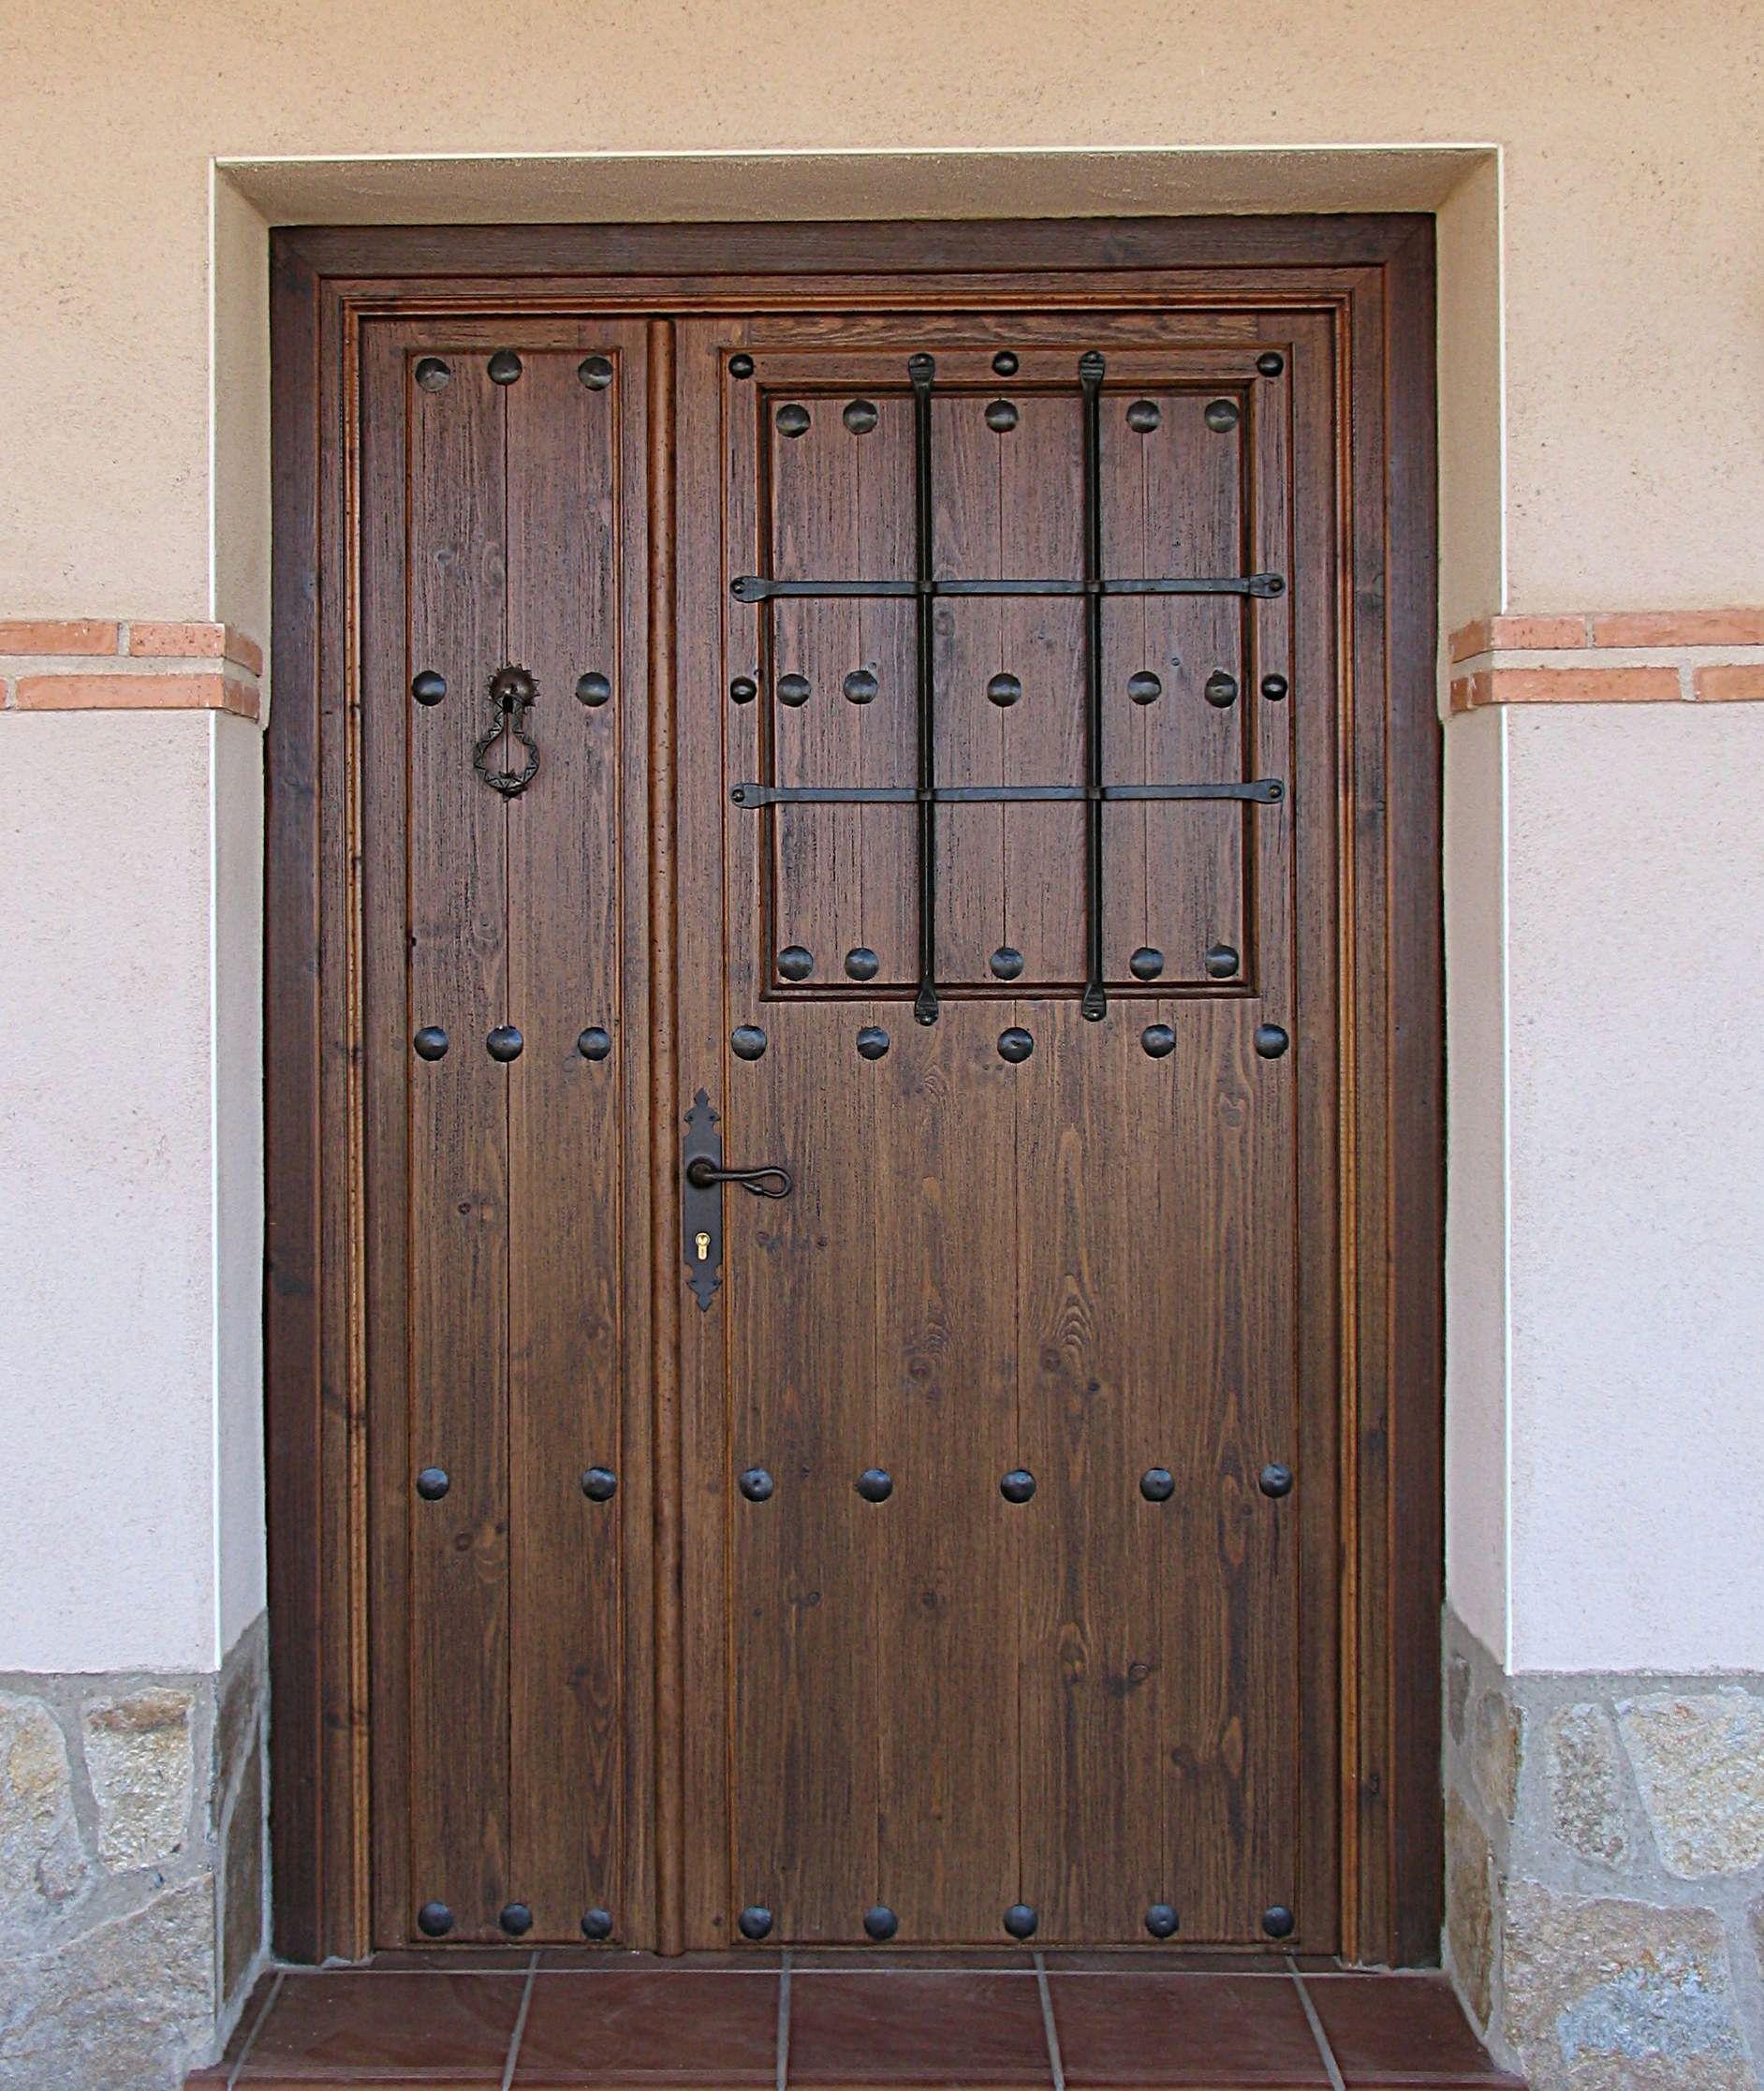 Puertas rusticas forja buscar con google puertas for Puertas rusticas de madera